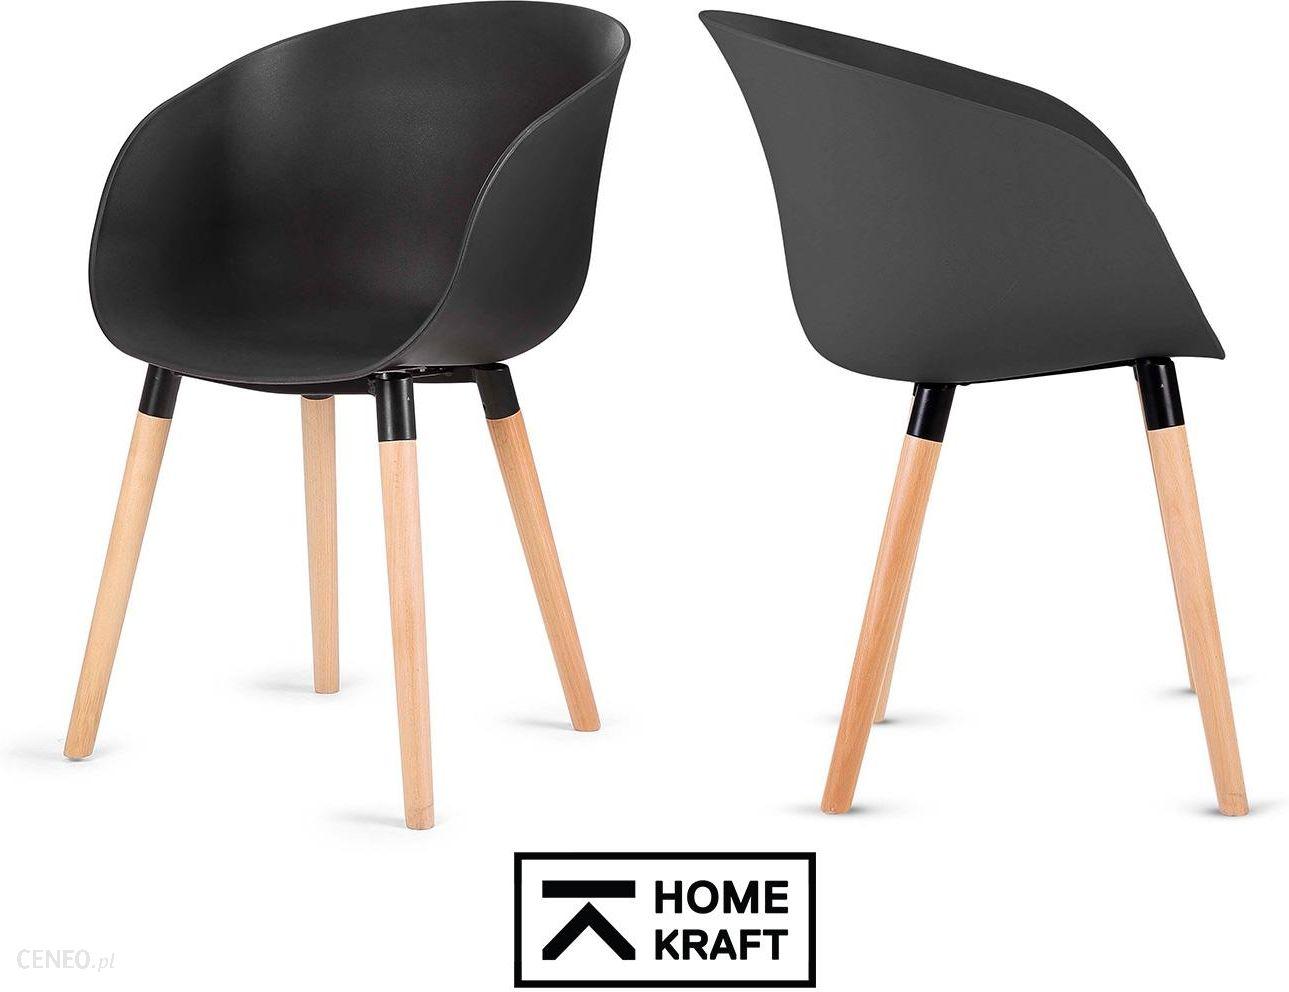 Mebo Homekraft Nowoczesne Krzesło Drewniane 2szt Opinie I Atrakcyjne Ceny Na Ceneopl